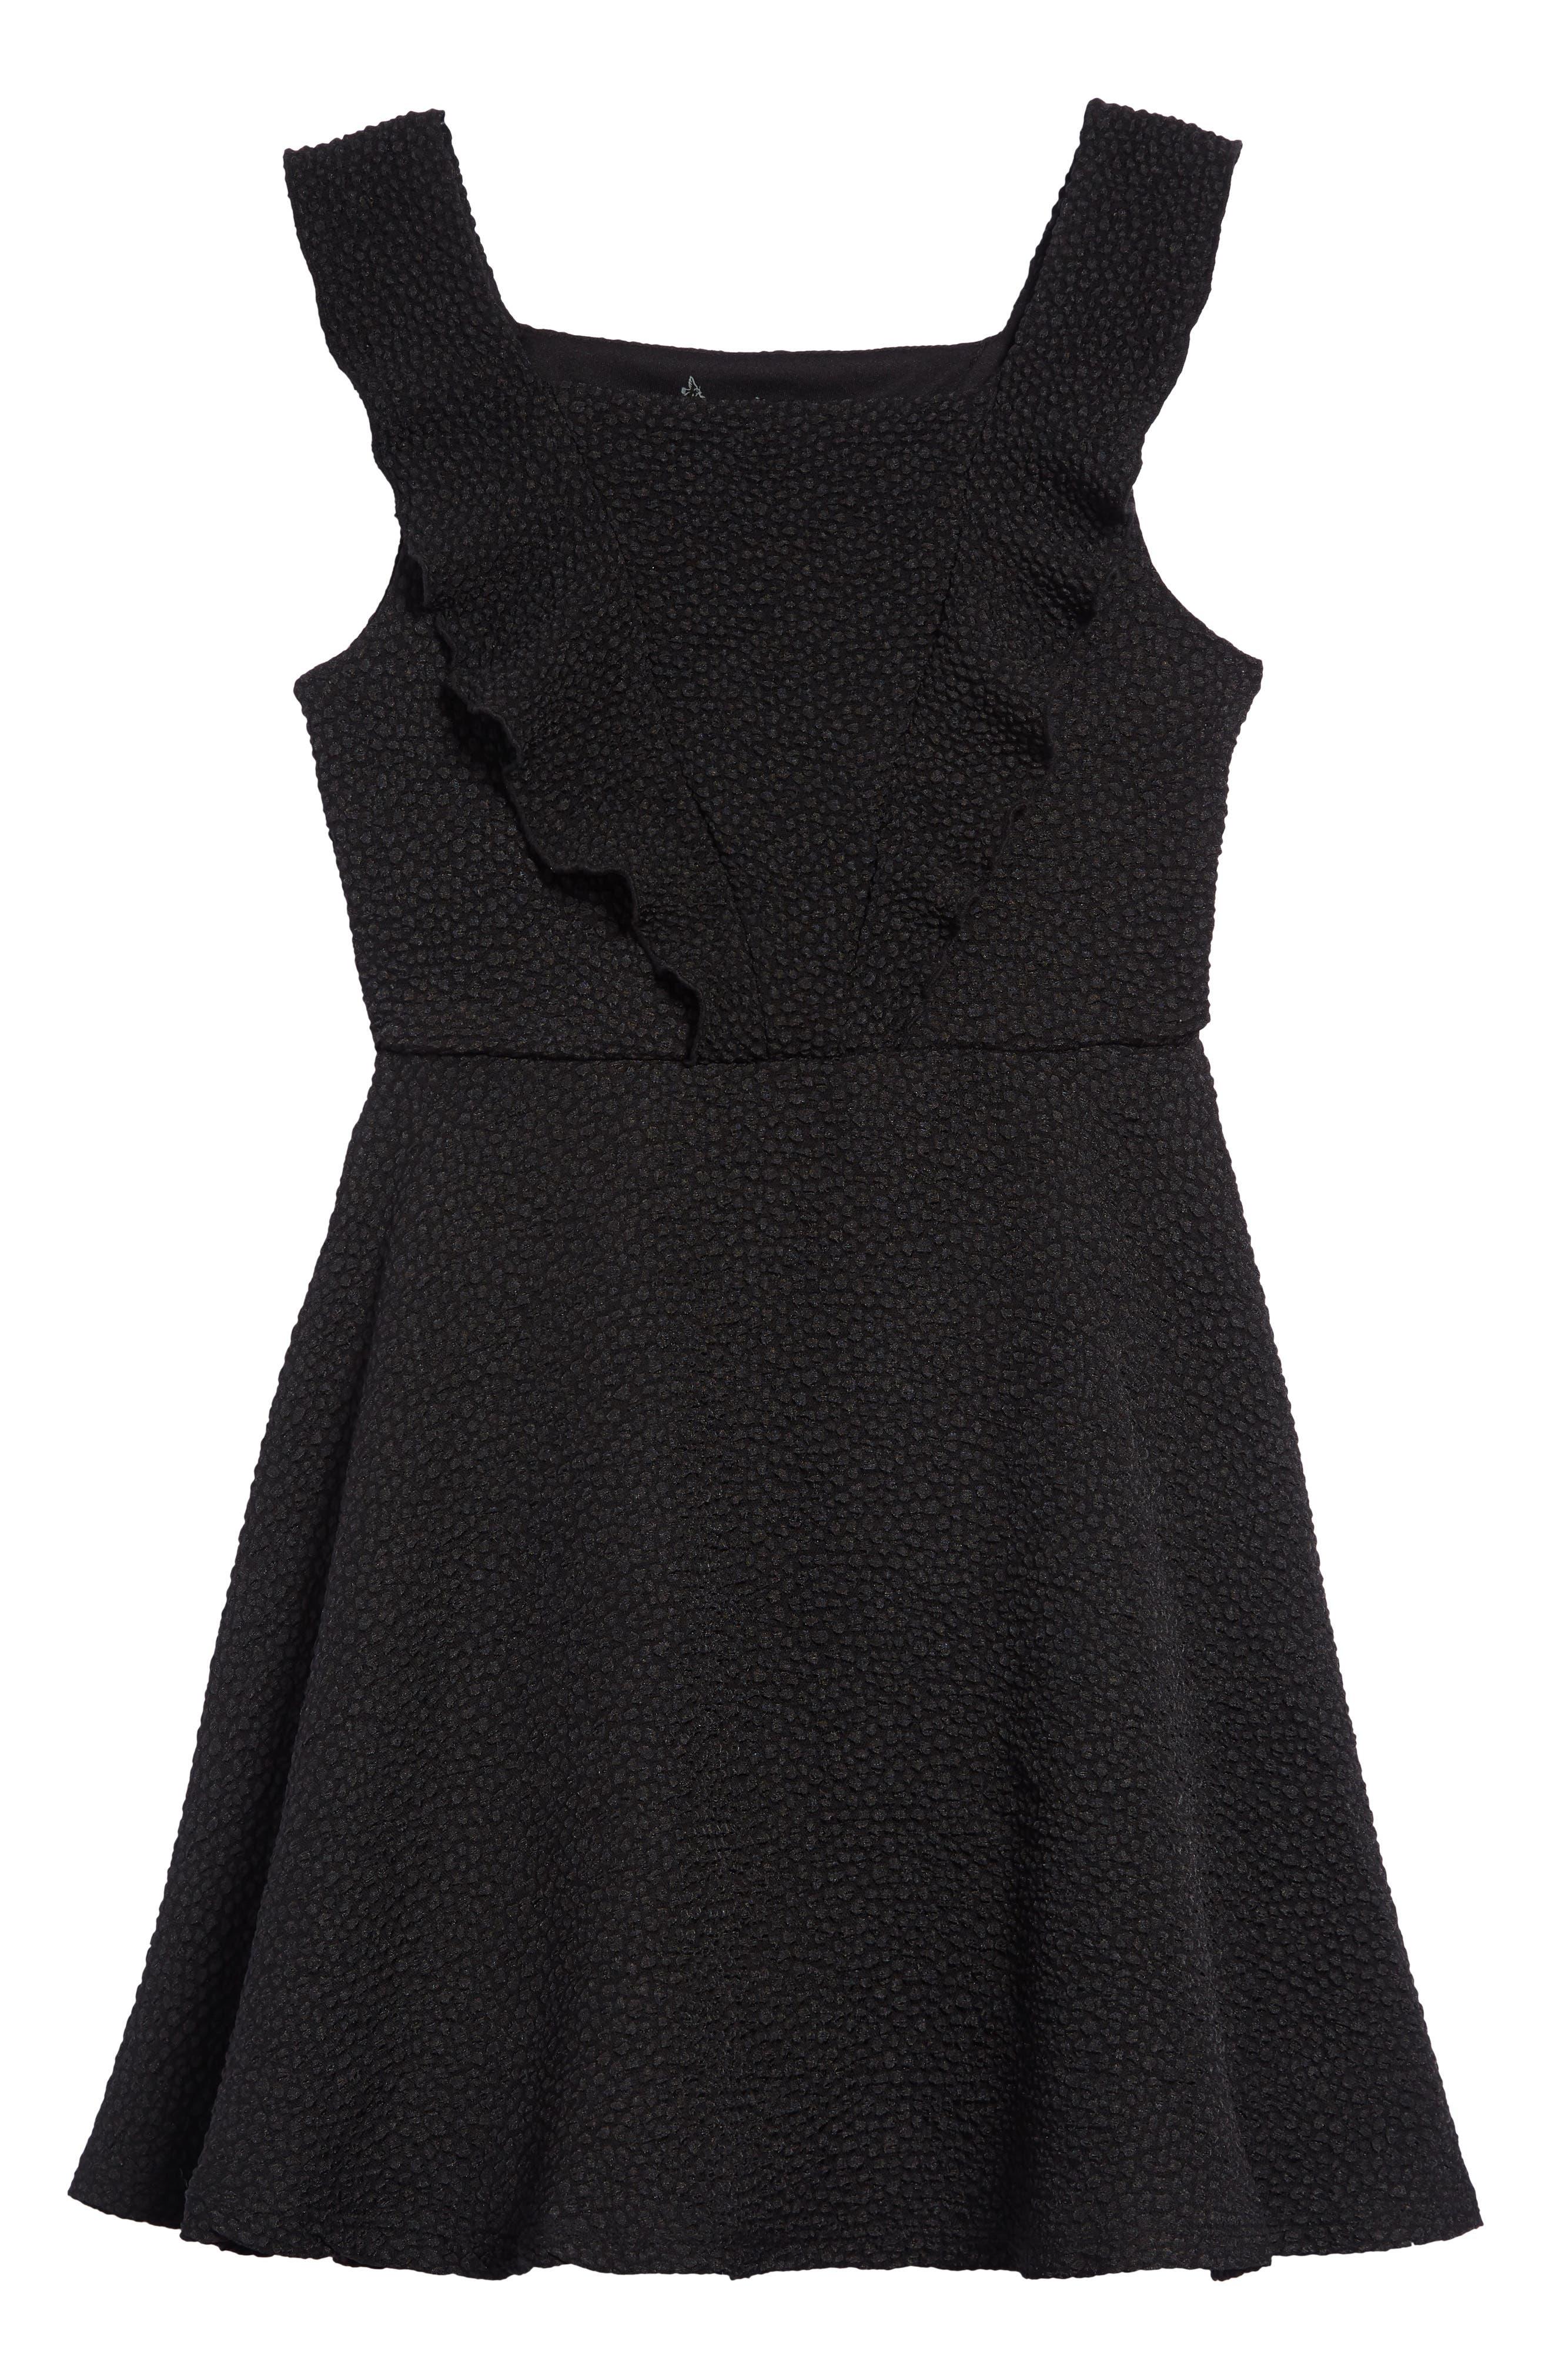 Image of Pippa & Julie Flutter Sleeve Dress